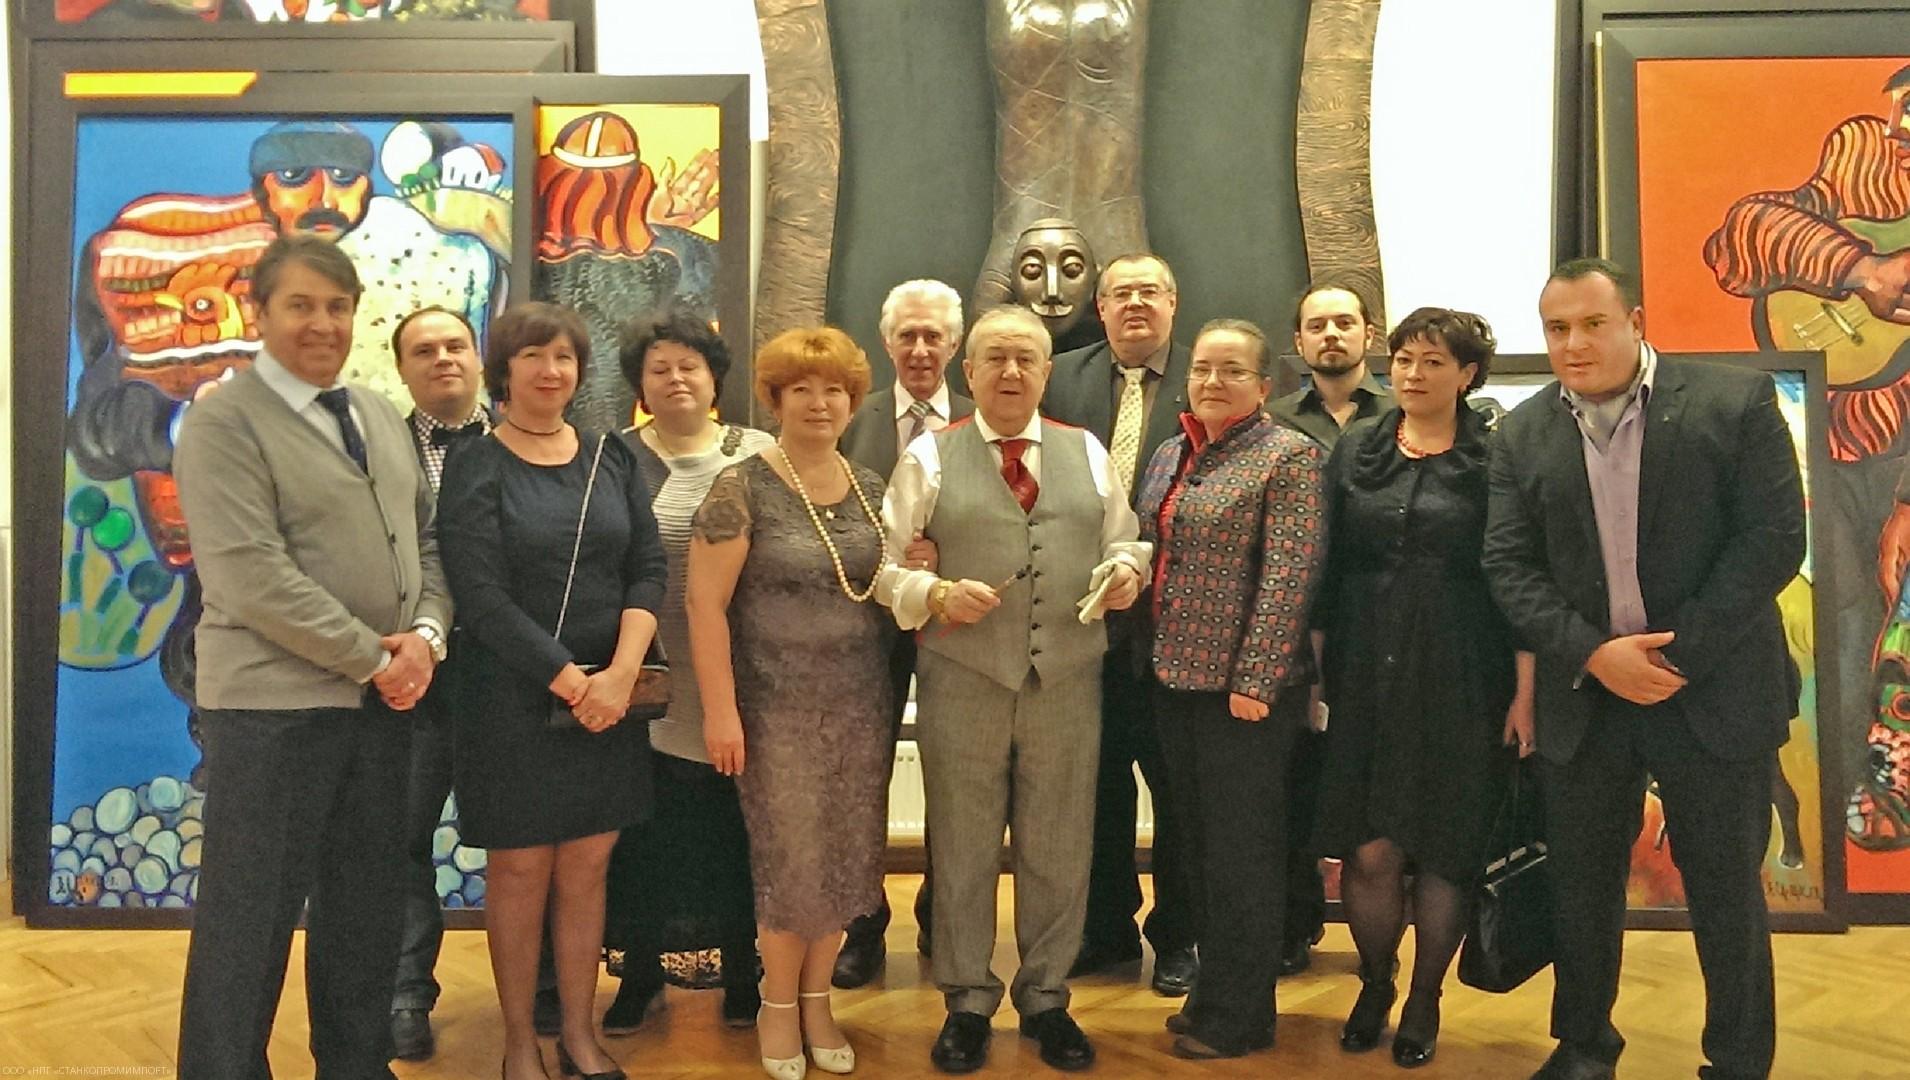 Зураб Церетели и OKUMA Москва, OKUMA Украина, OKUMA Германия. Новый 2013 год.